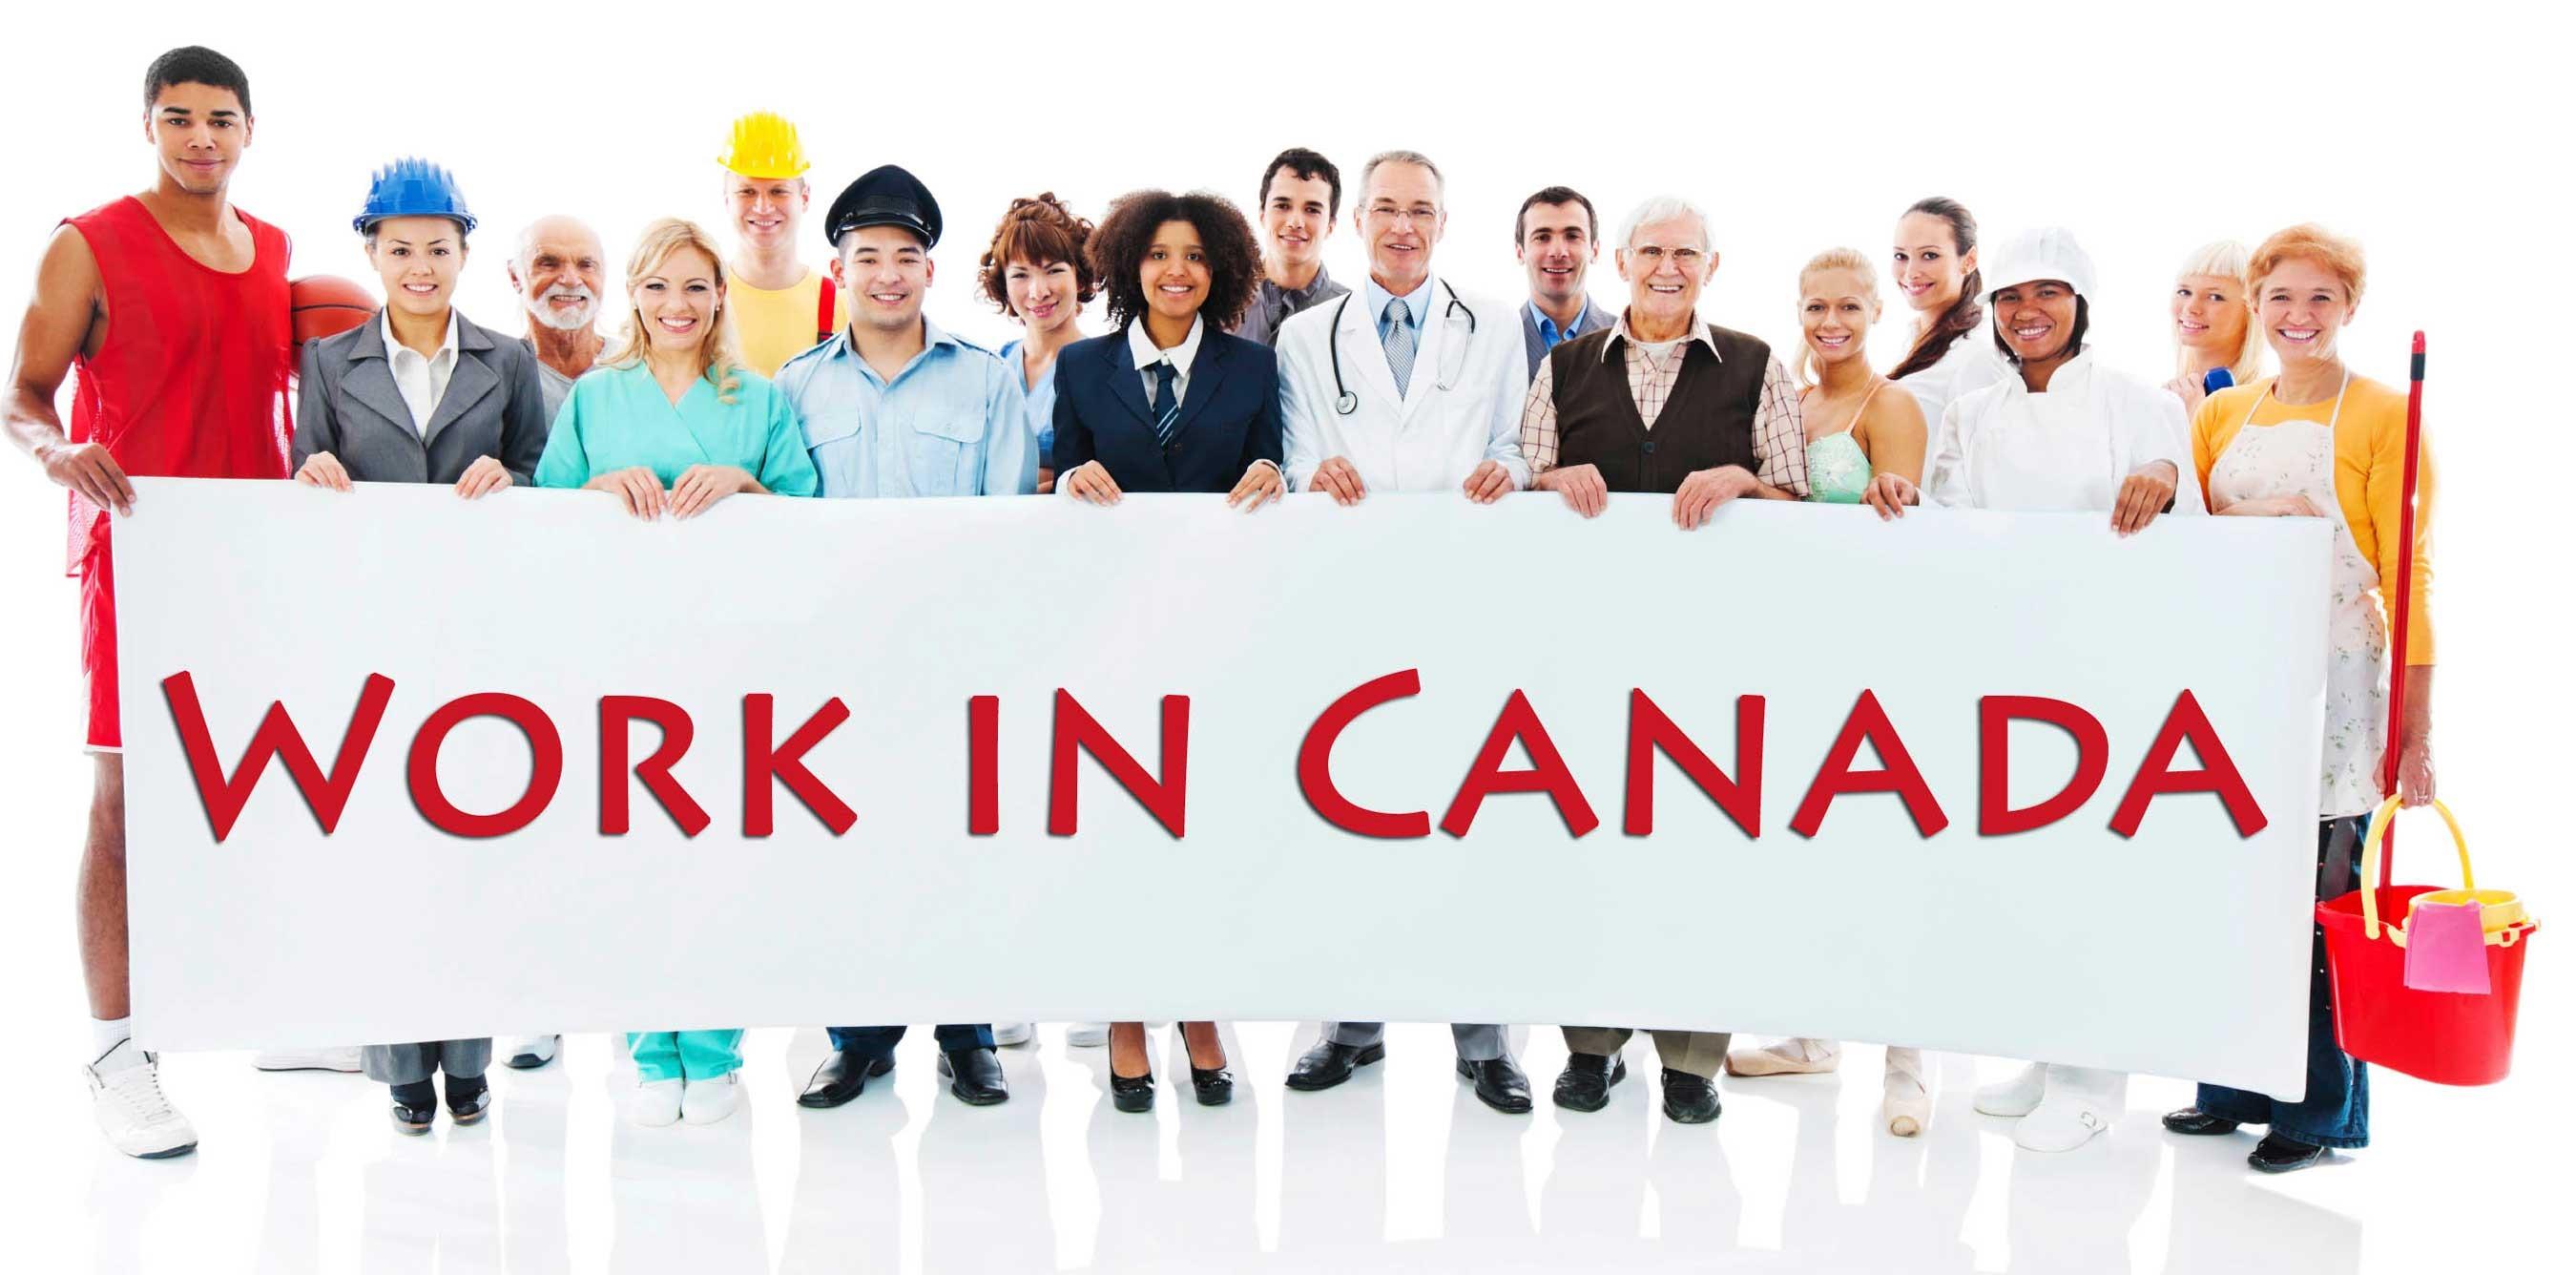 بهترین مشاغل برای مهاجرت کاری به کانادا در سال 2019